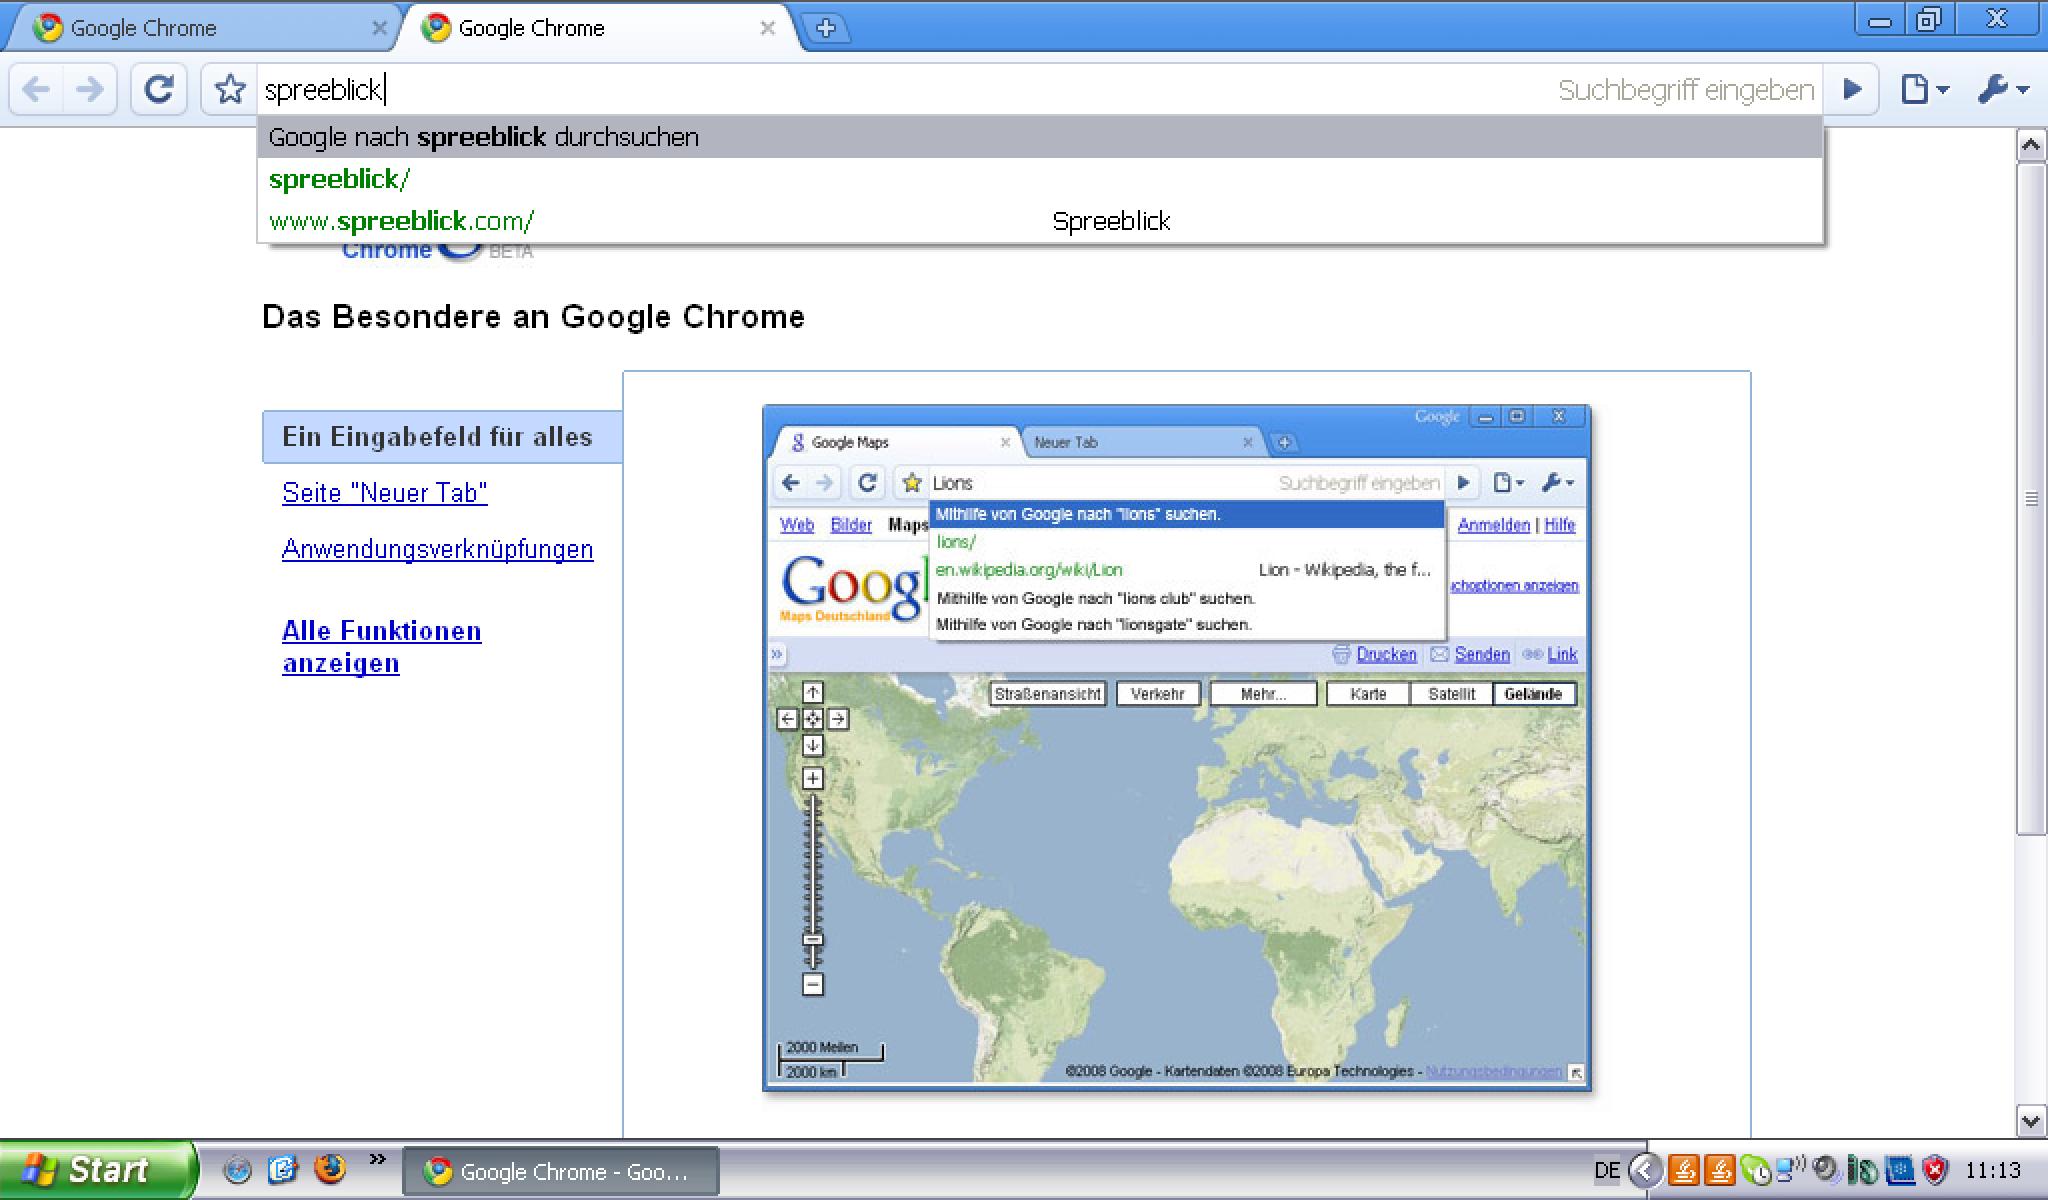 Google-Browser Chrome: Der Browser-Krieg ist vorbei « SPREEBLICK